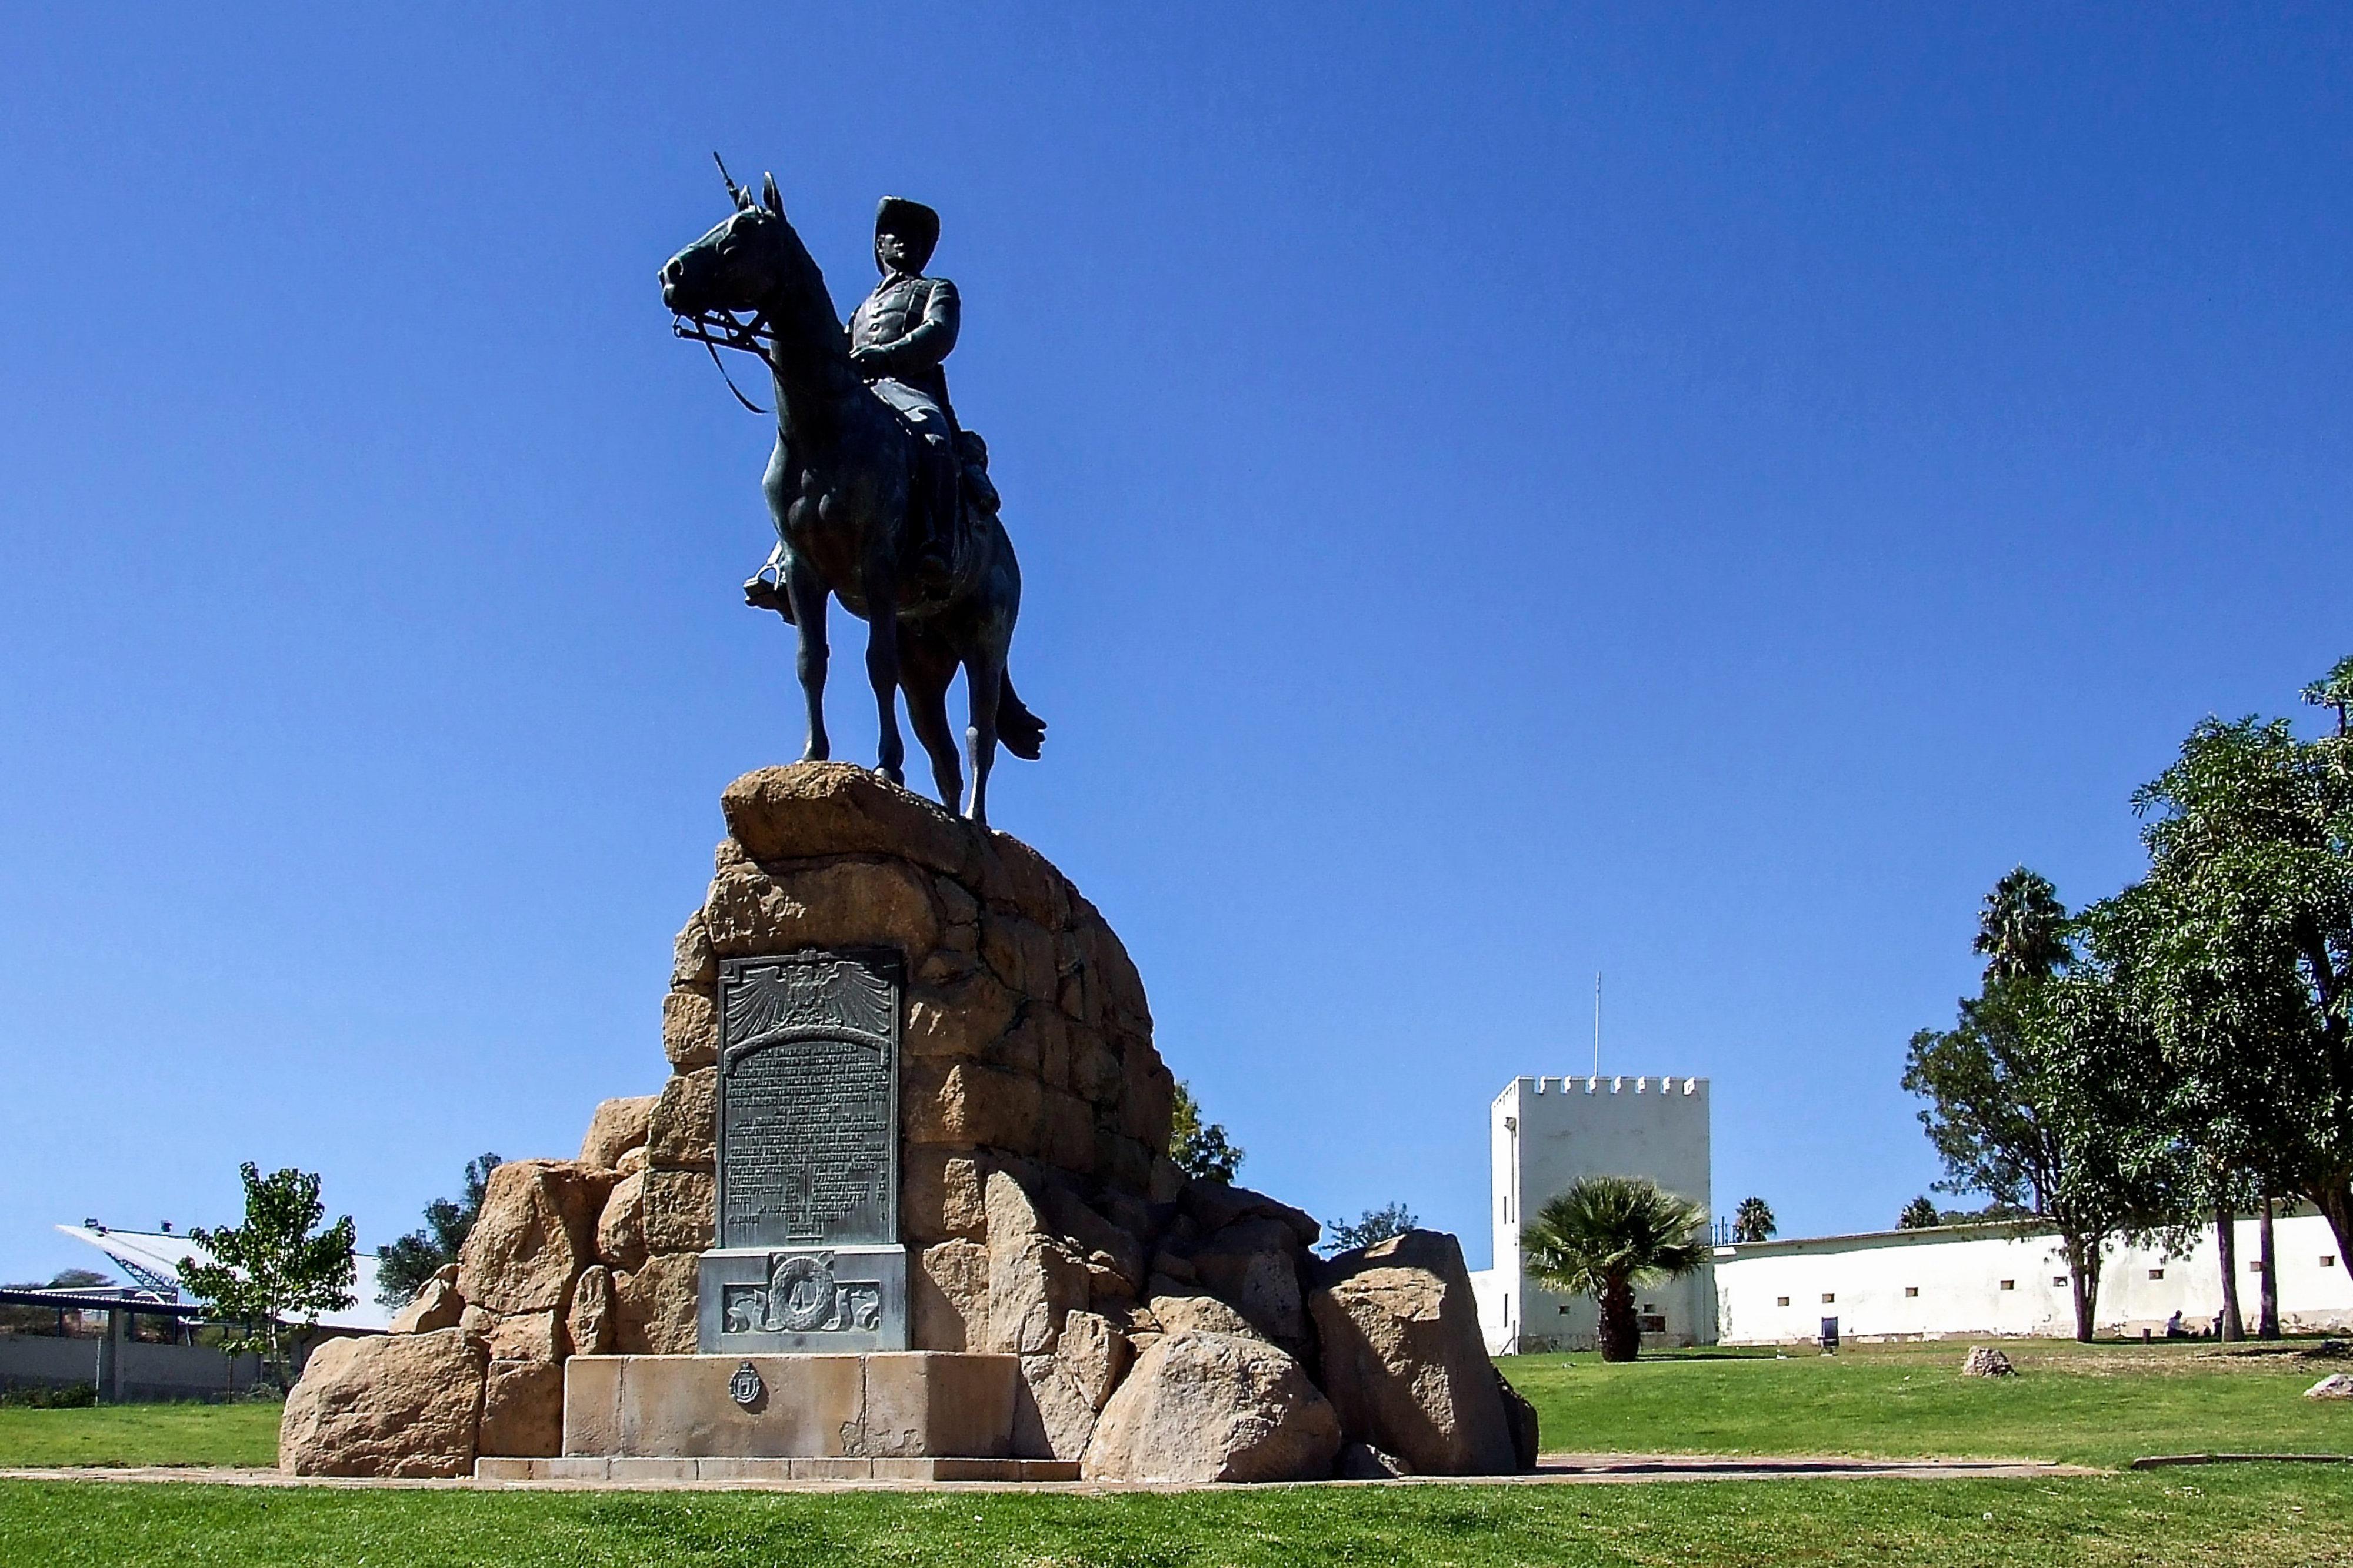 Zerstörung von Denkmalen – Versetzung des Reiterdenkmals Windhoek